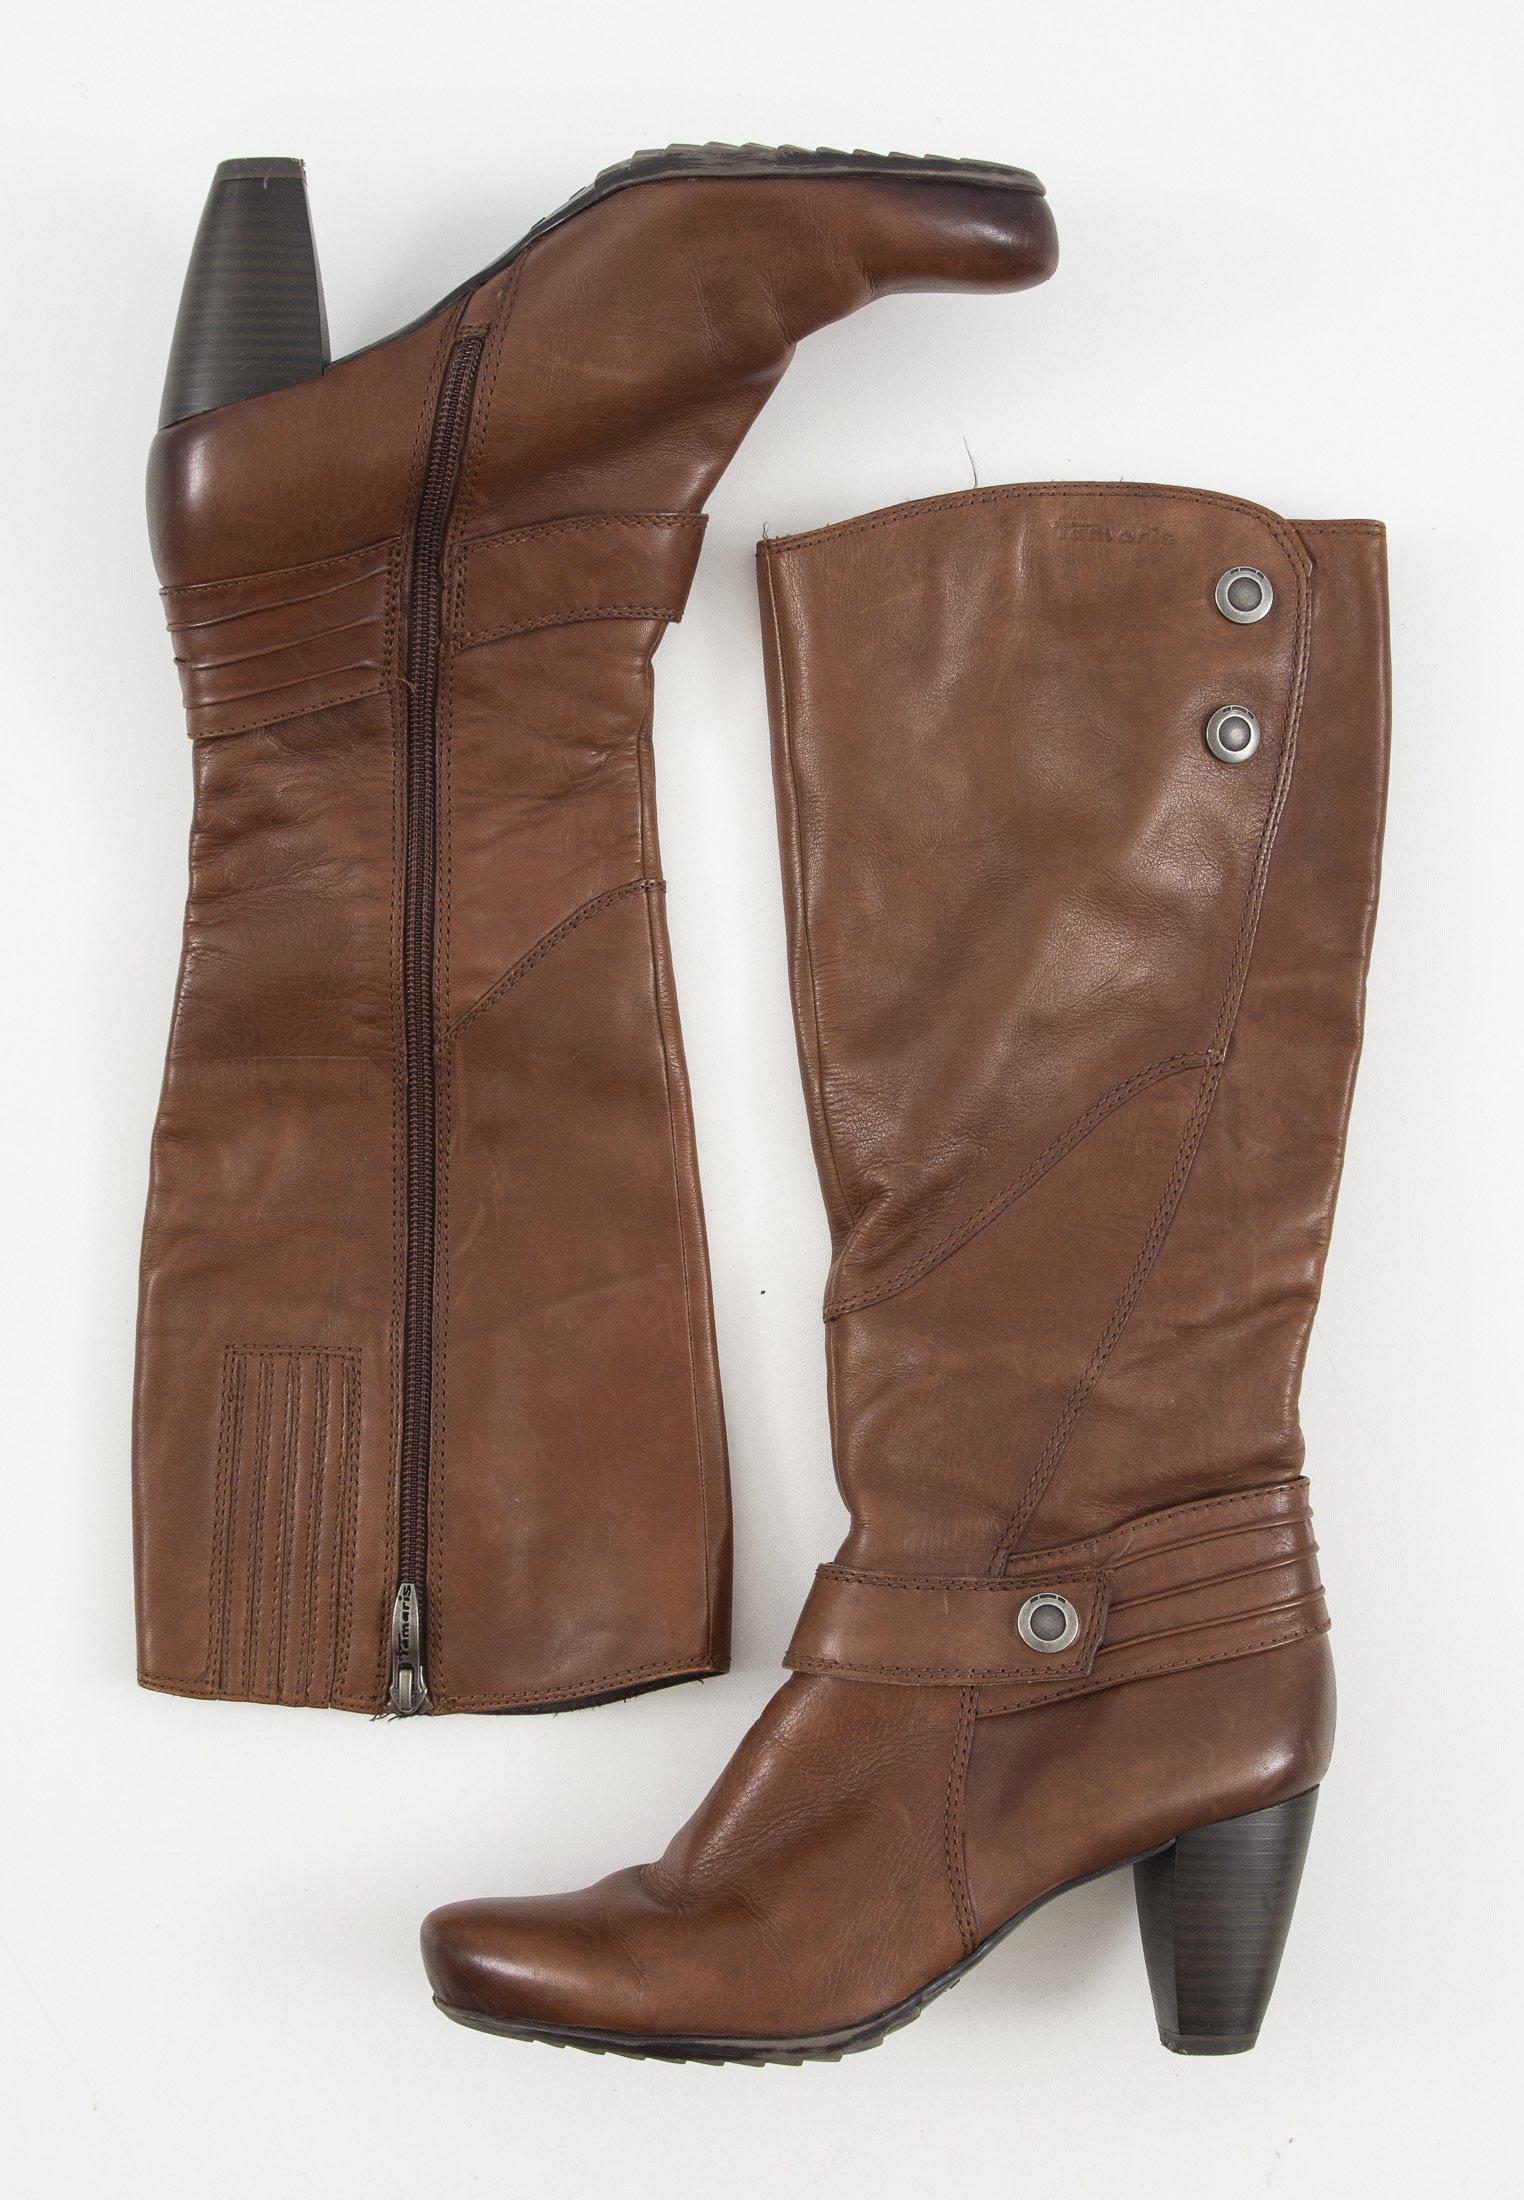 Tamaris Hoge laarzen bruin Maat 36